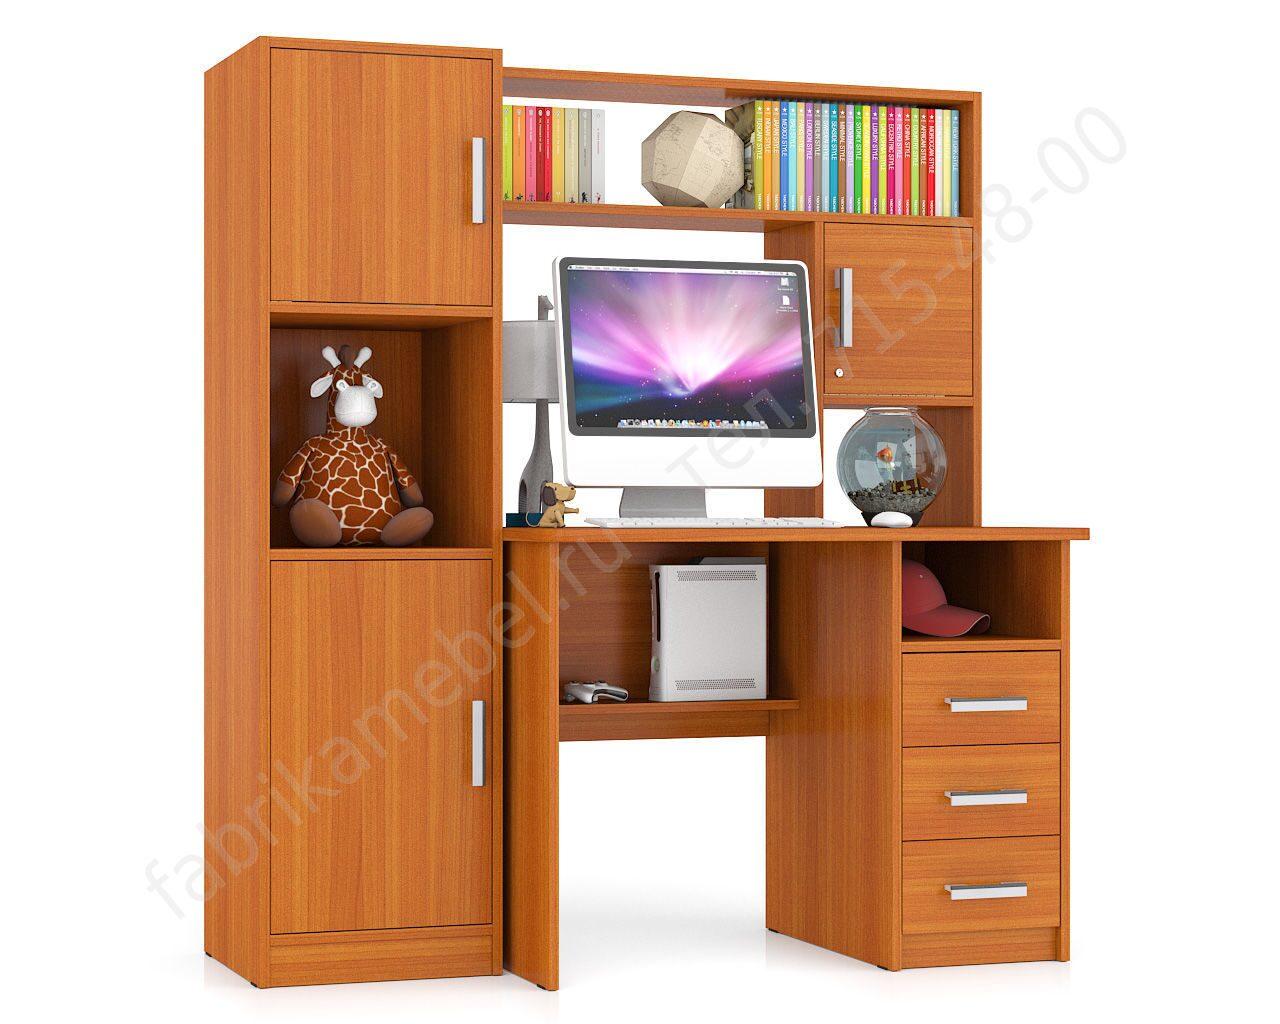 Компьютерные столы с надстройкой и шкафчиками - купить недор.